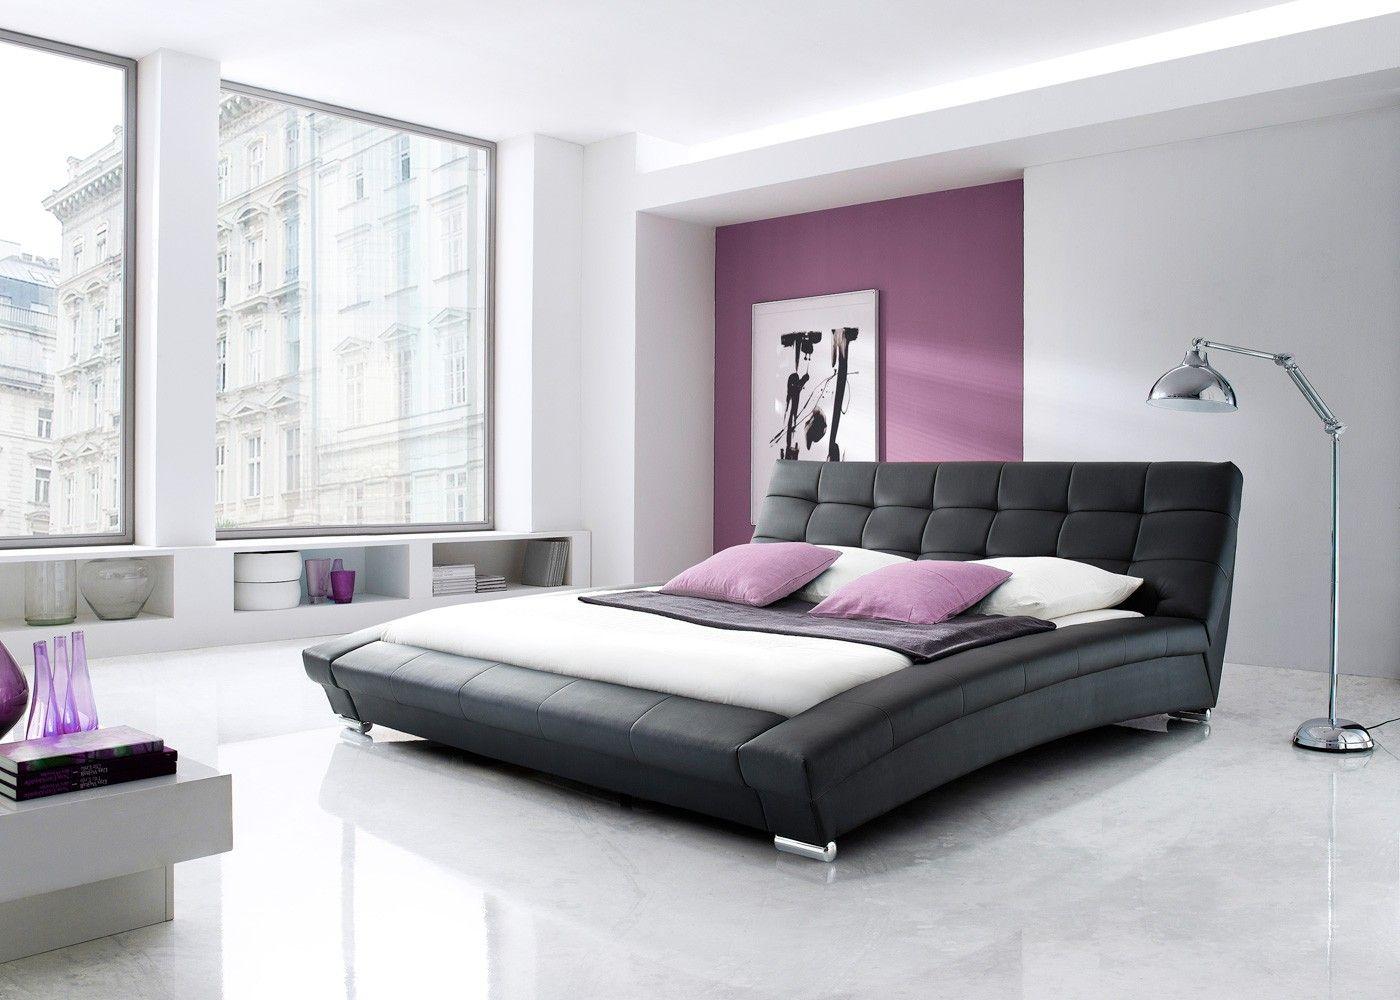 Lit Emma Noir 160x200 Cm Fin De Serie Les Meubles Mailleux Set De Chambre Mobilier De Salon Mobilier De Chambre